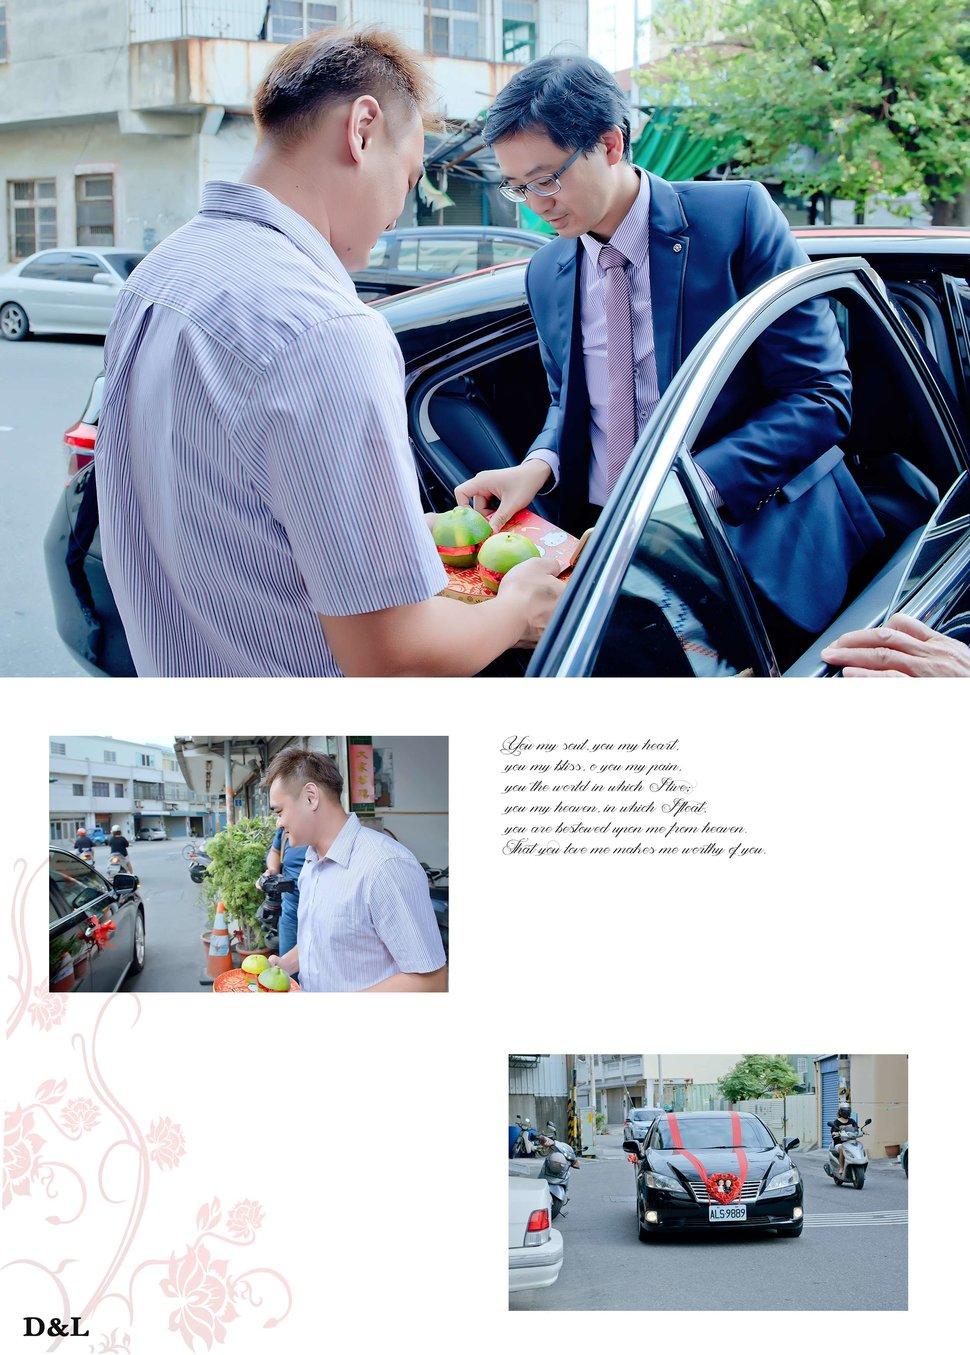 台中婚攝 婚禮記錄 維信&佩君-球愛物語景觀婚禮會館(編號:374384) - D&L 婚禮事務-婚紗攝影/婚禮記錄 - 結婚吧